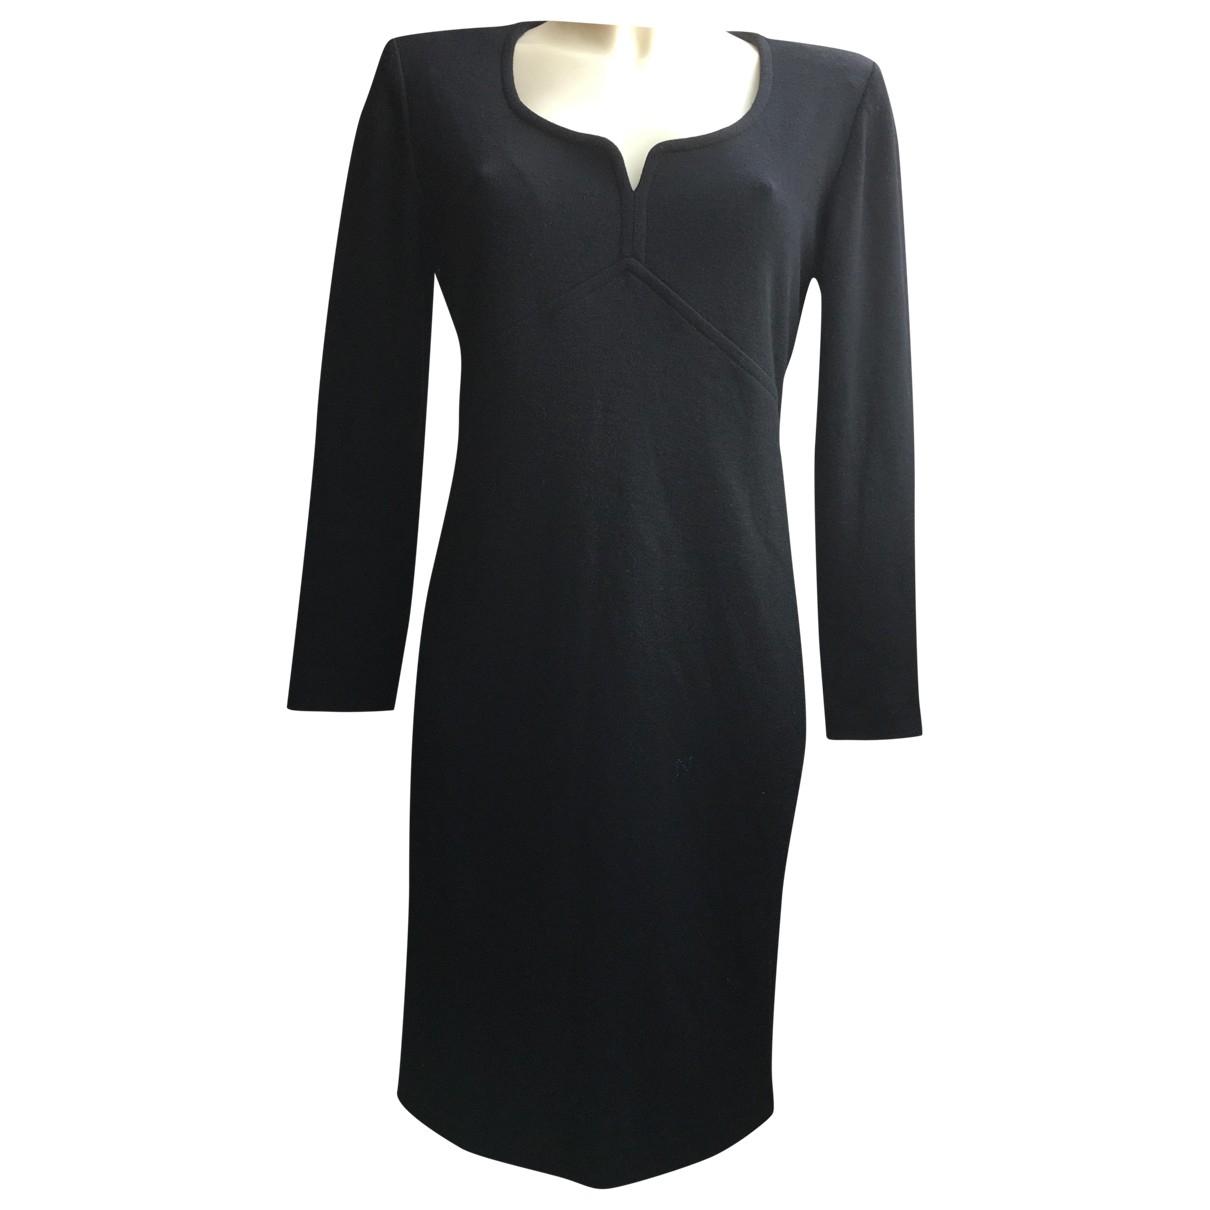 Yves Saint Laurent \N Black Wool dress for Women 38 FR